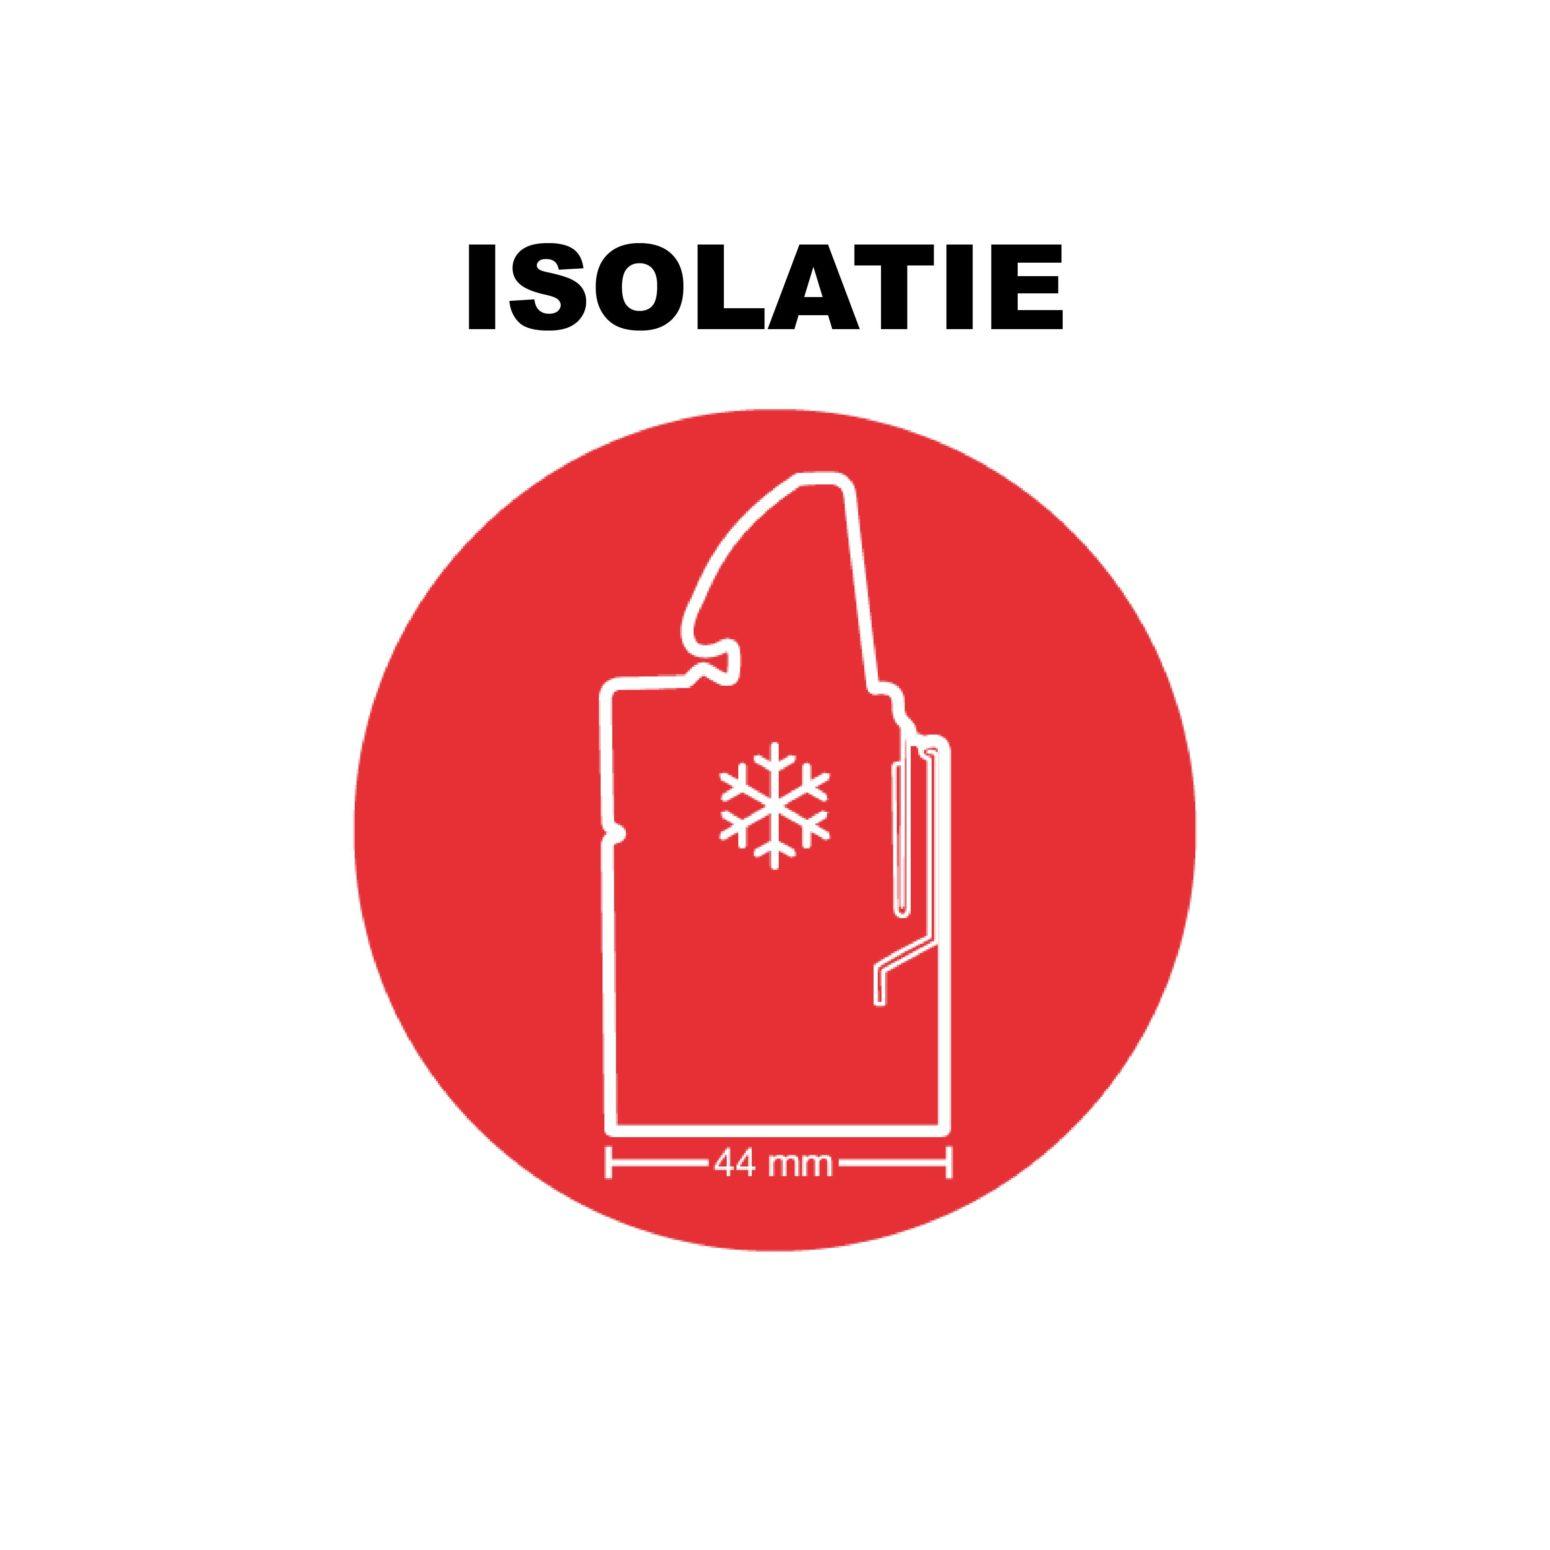 isolatie icon